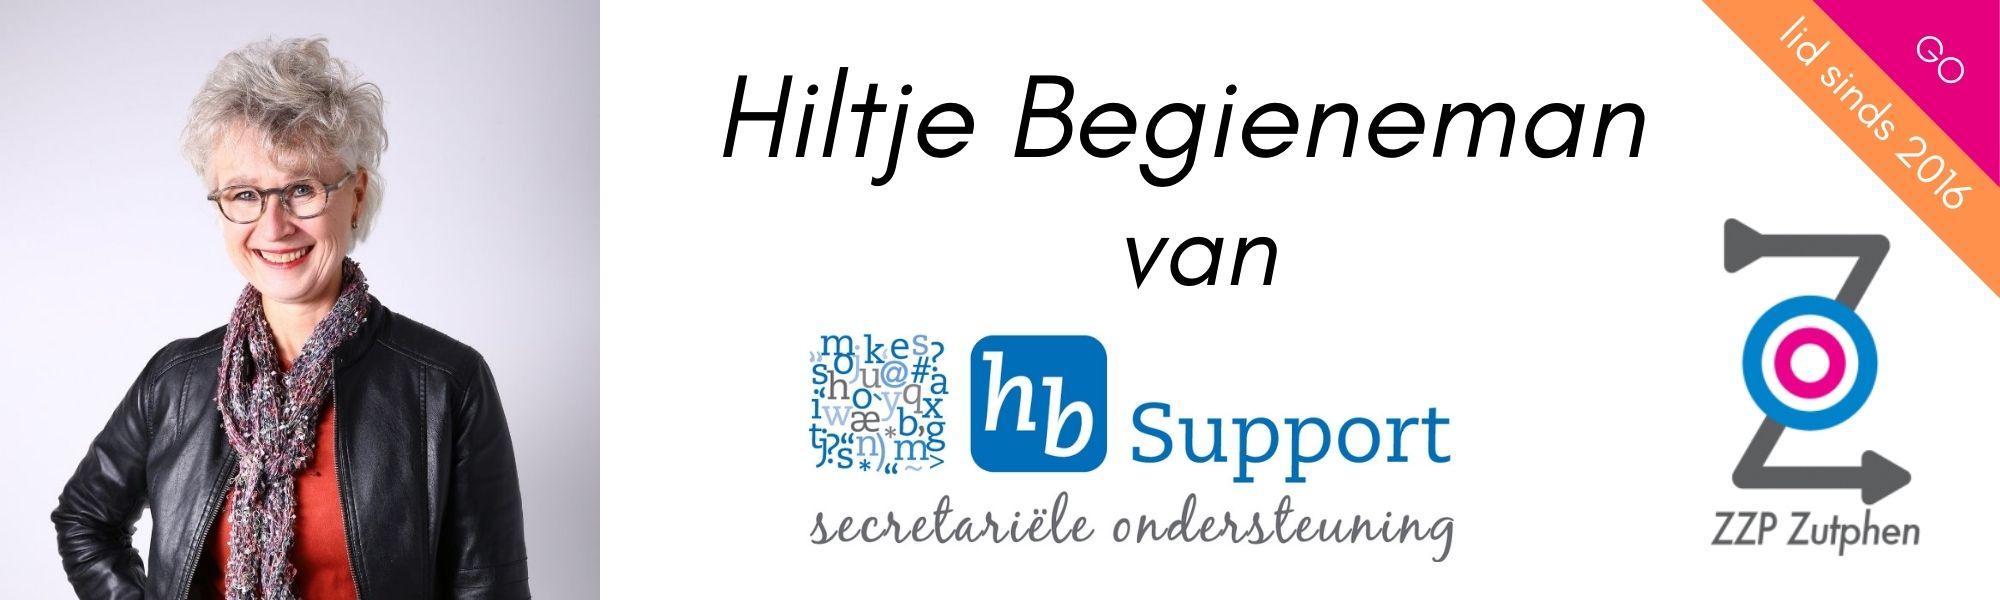 hb-secretariële-ondersteuning-brummen-zzpzutphen